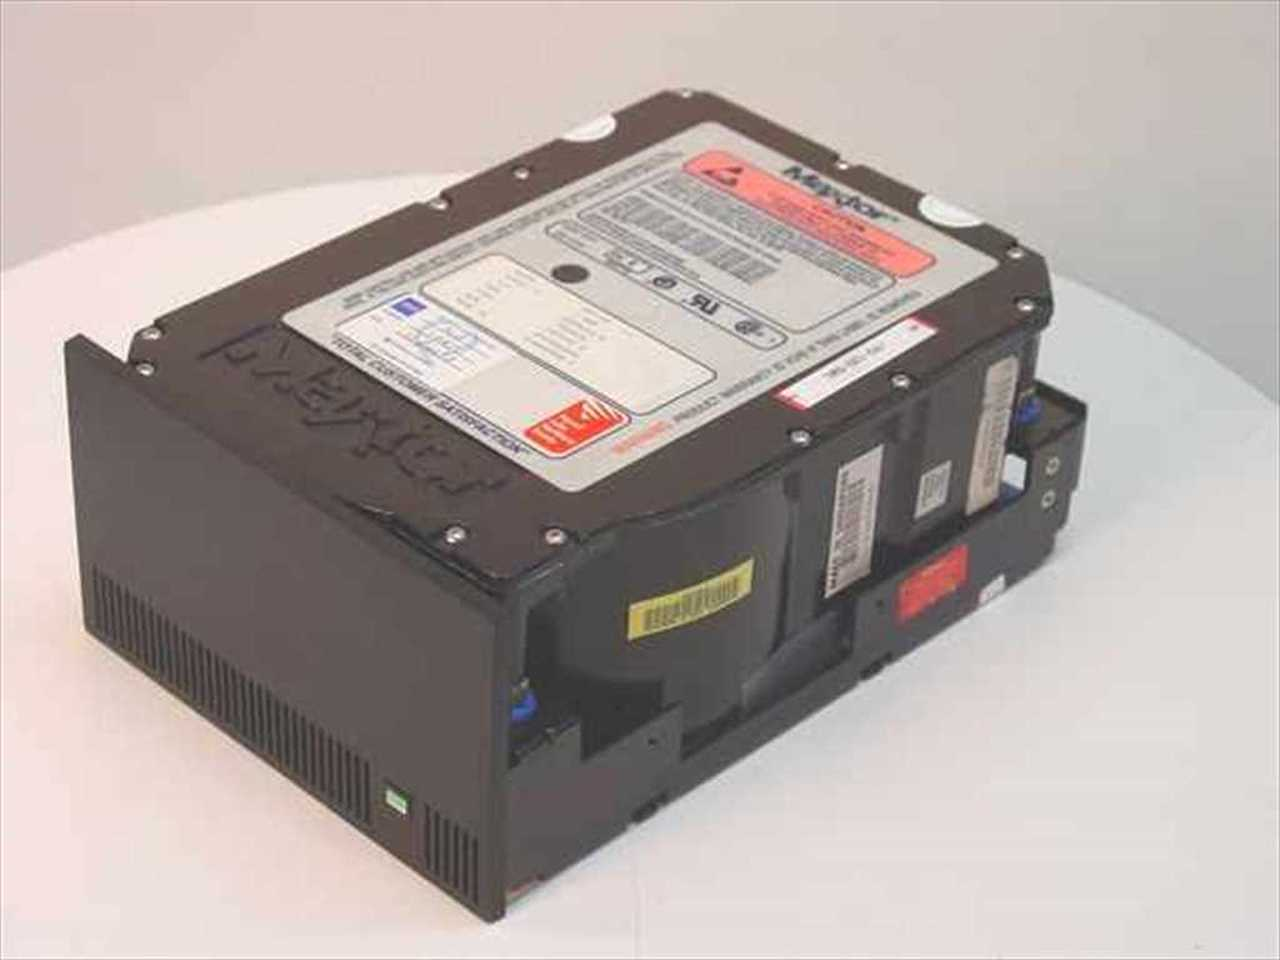 maxtor-1.2gb-5.25-full-height-scsi-hard-drive-po-12s-1.11__09090.1489914002.jpg